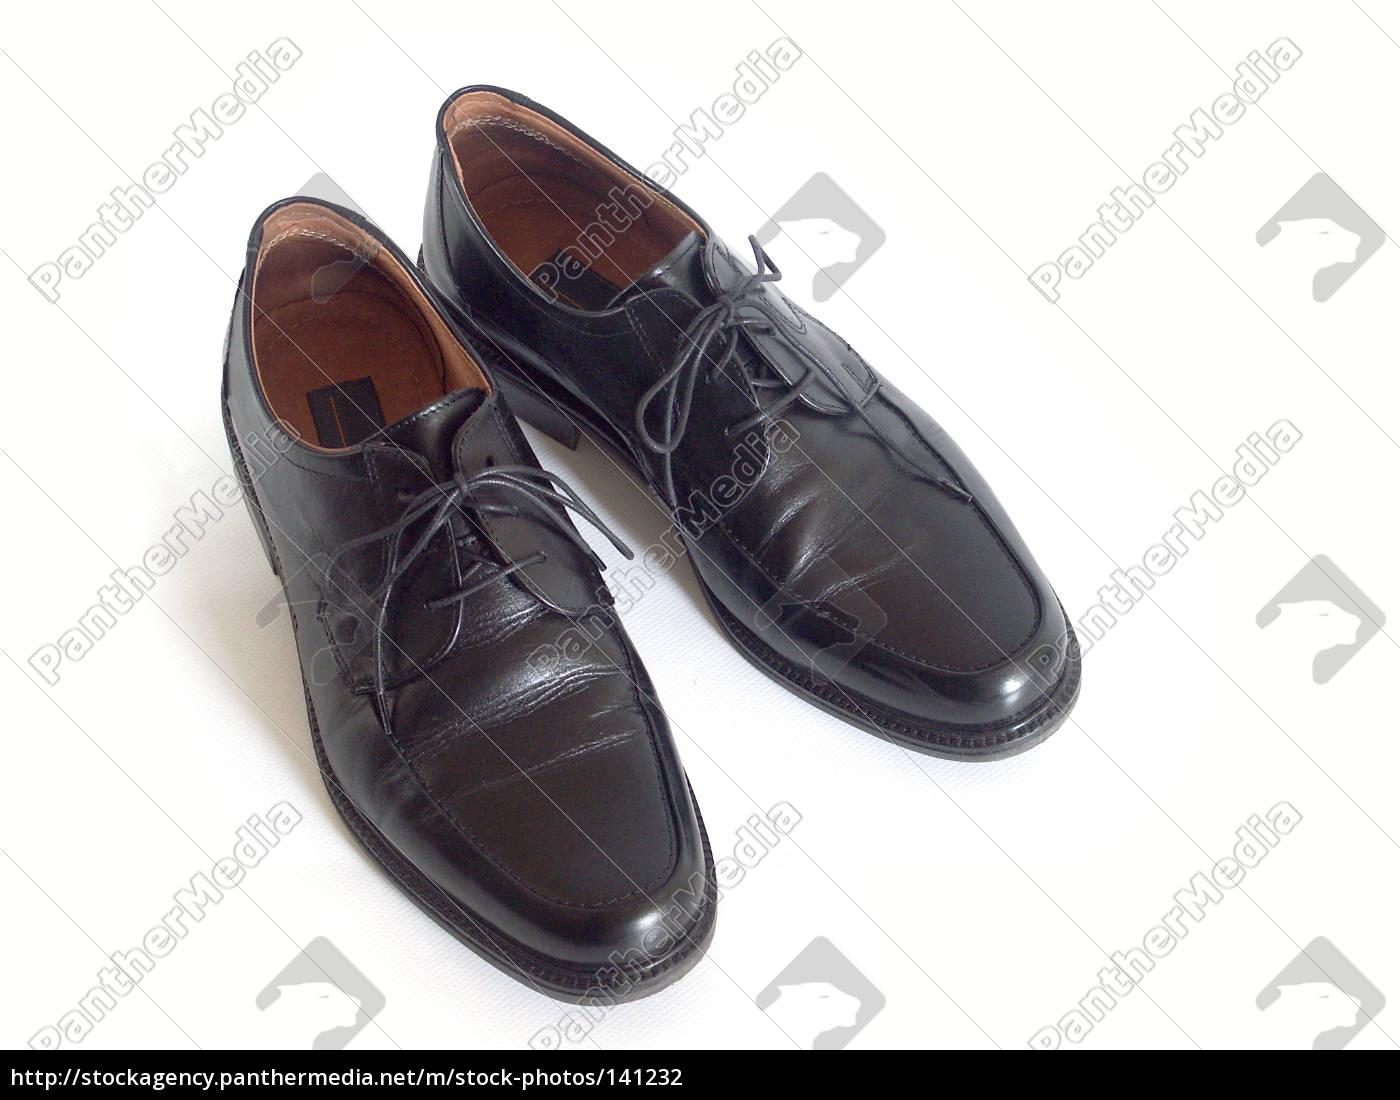 shoes - 141232